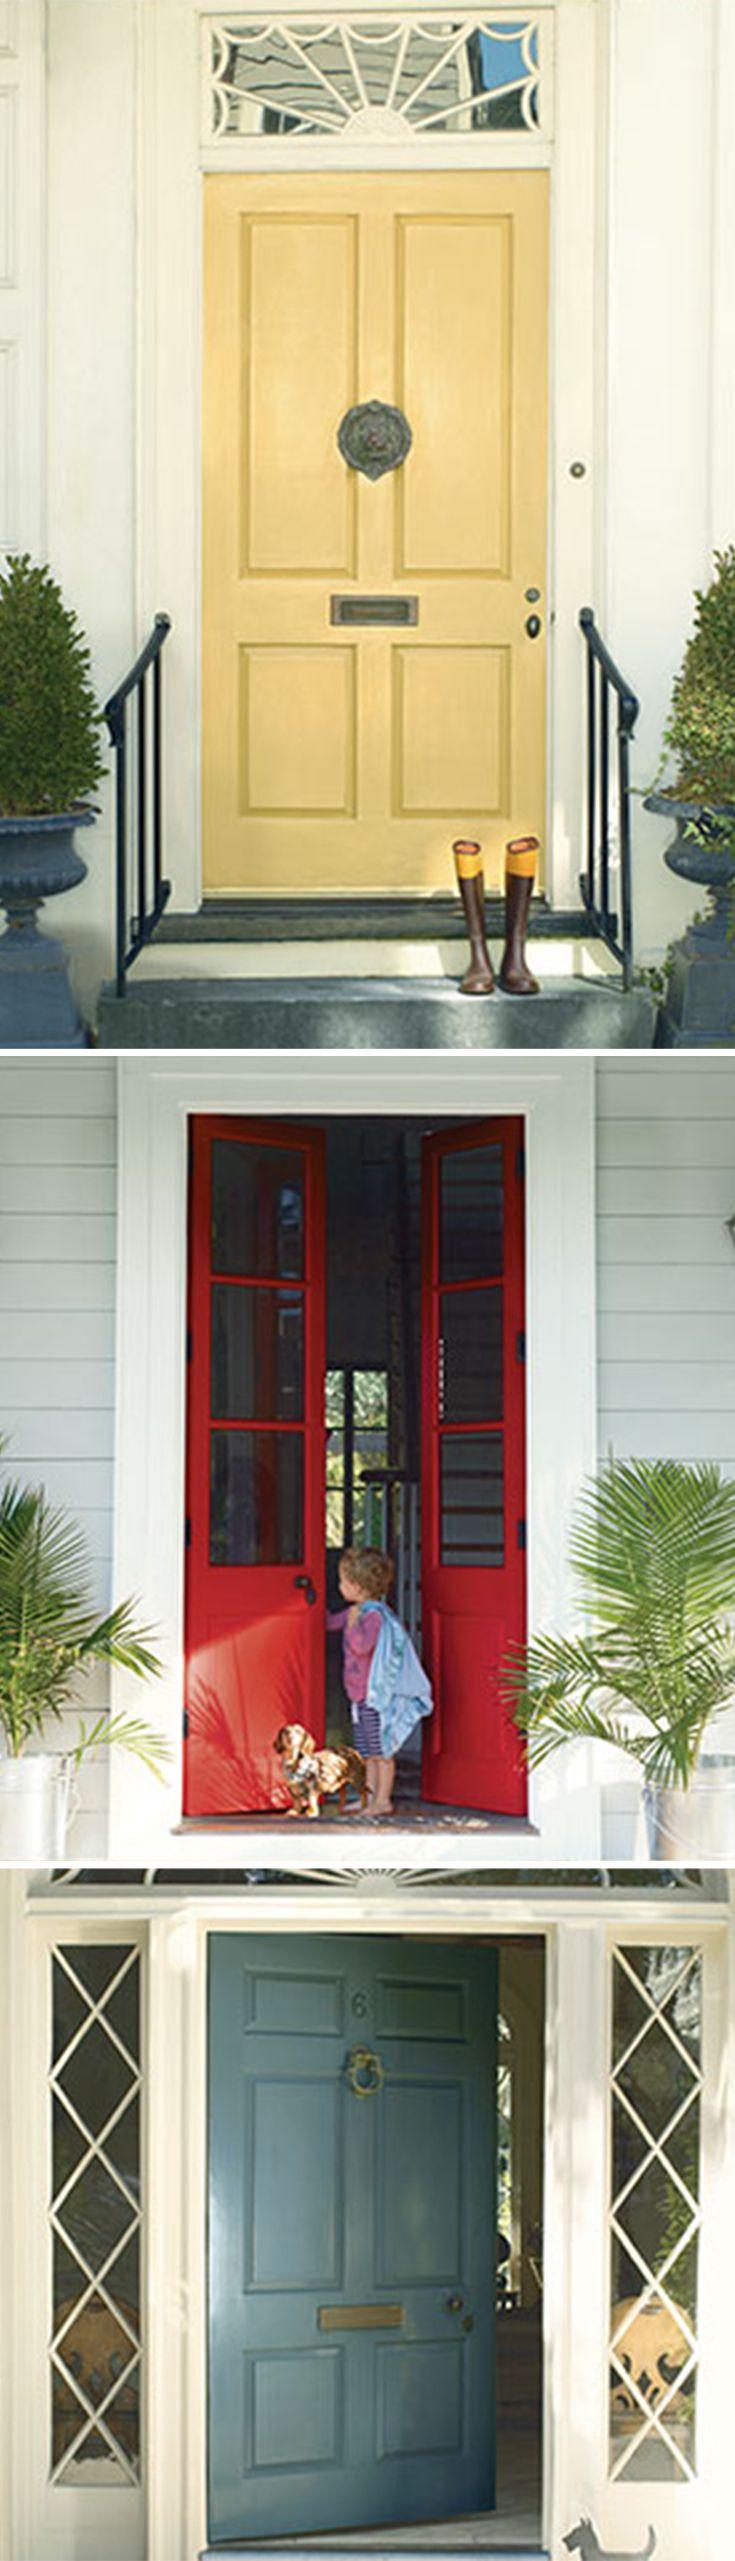 64 best Pretty Front Doors. images on Pinterest | Windows, Door ...